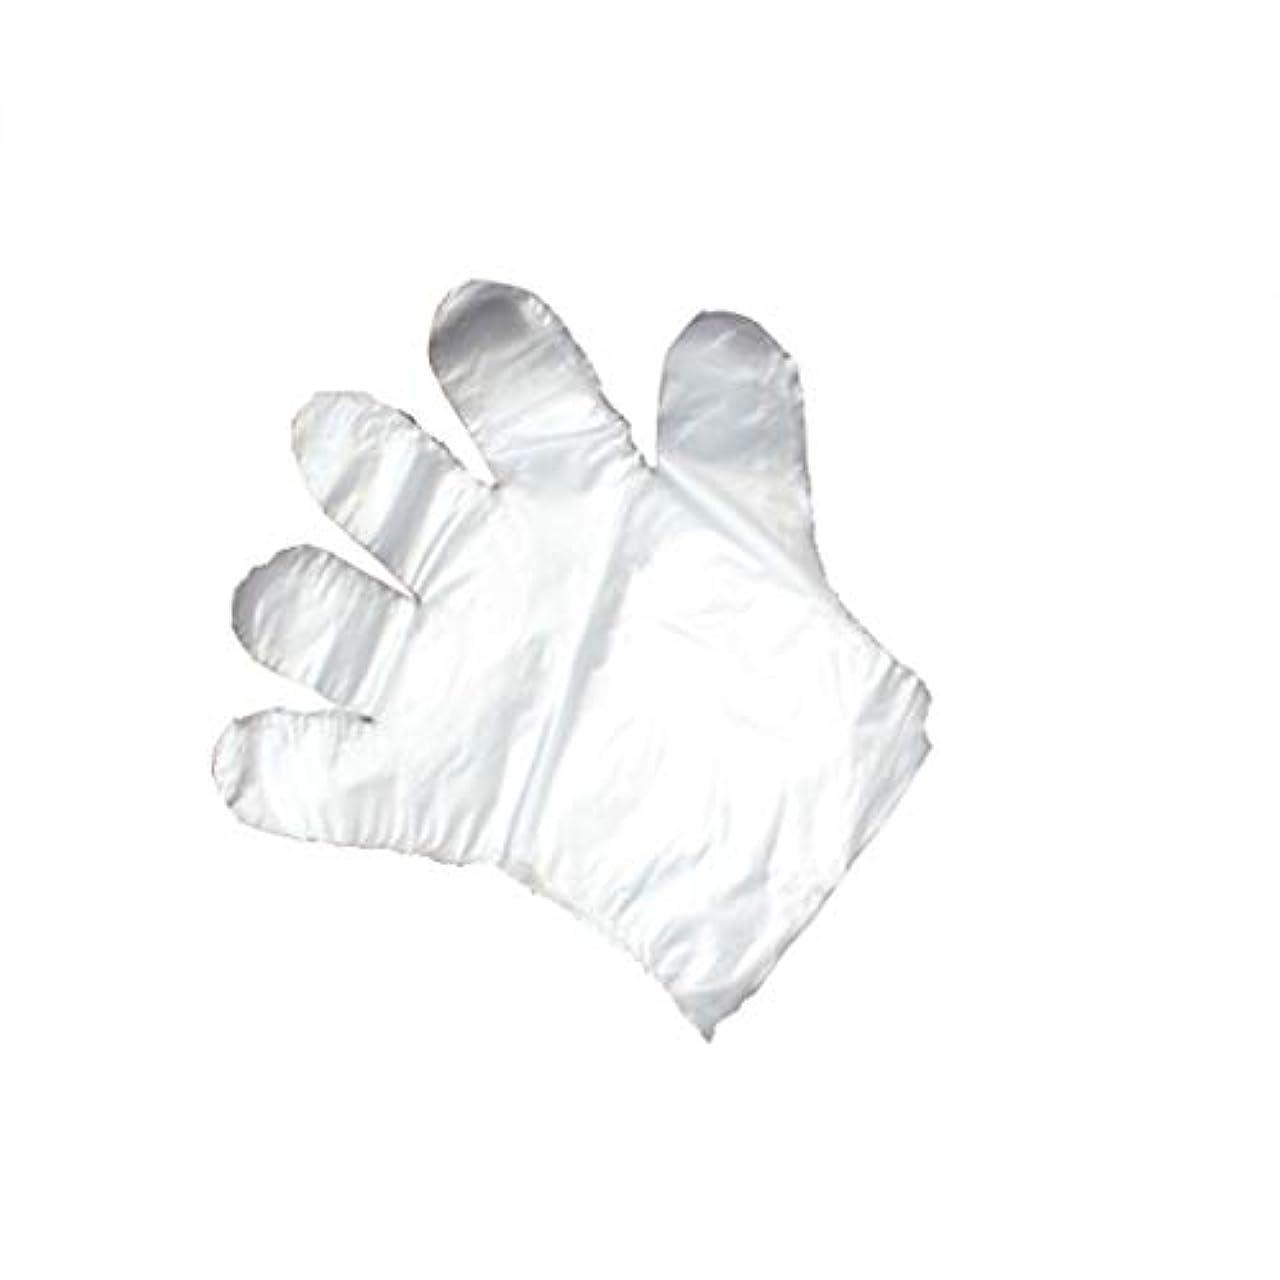 可動式冷ややかなマーチャンダイザー手袋、使い捨て手袋、透明な肥厚、美しさ、家庭掃除、手袋、白、透明、5パック、500袋。 (UnitCount : 1000)